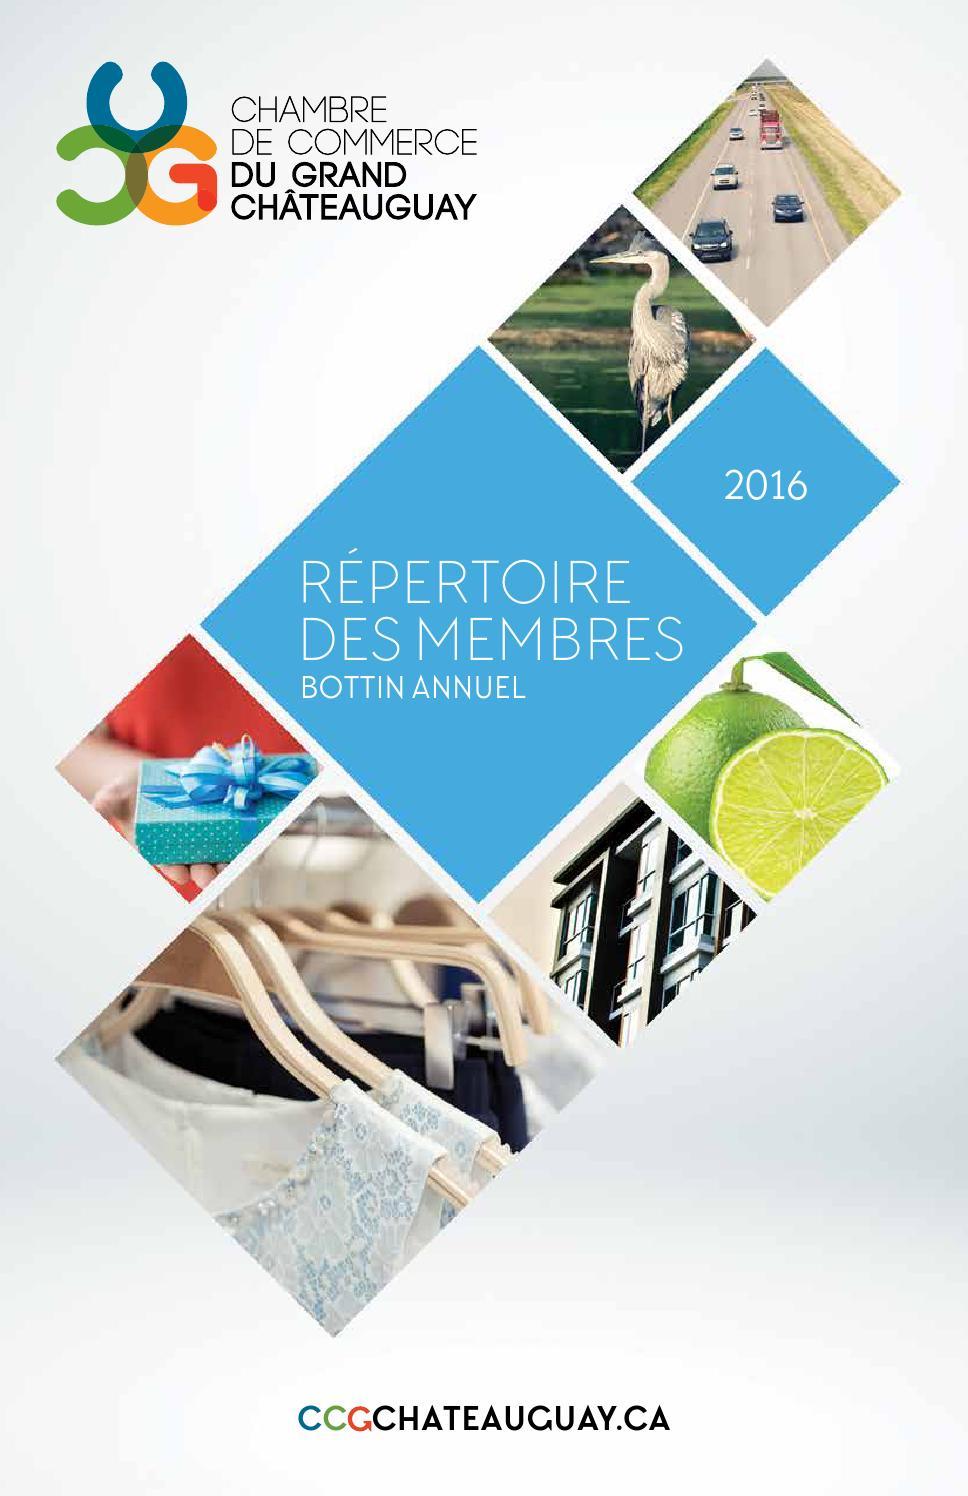 R pertoire des membres 2016 by chambre de commerce du for Chambre de commerce du quebec